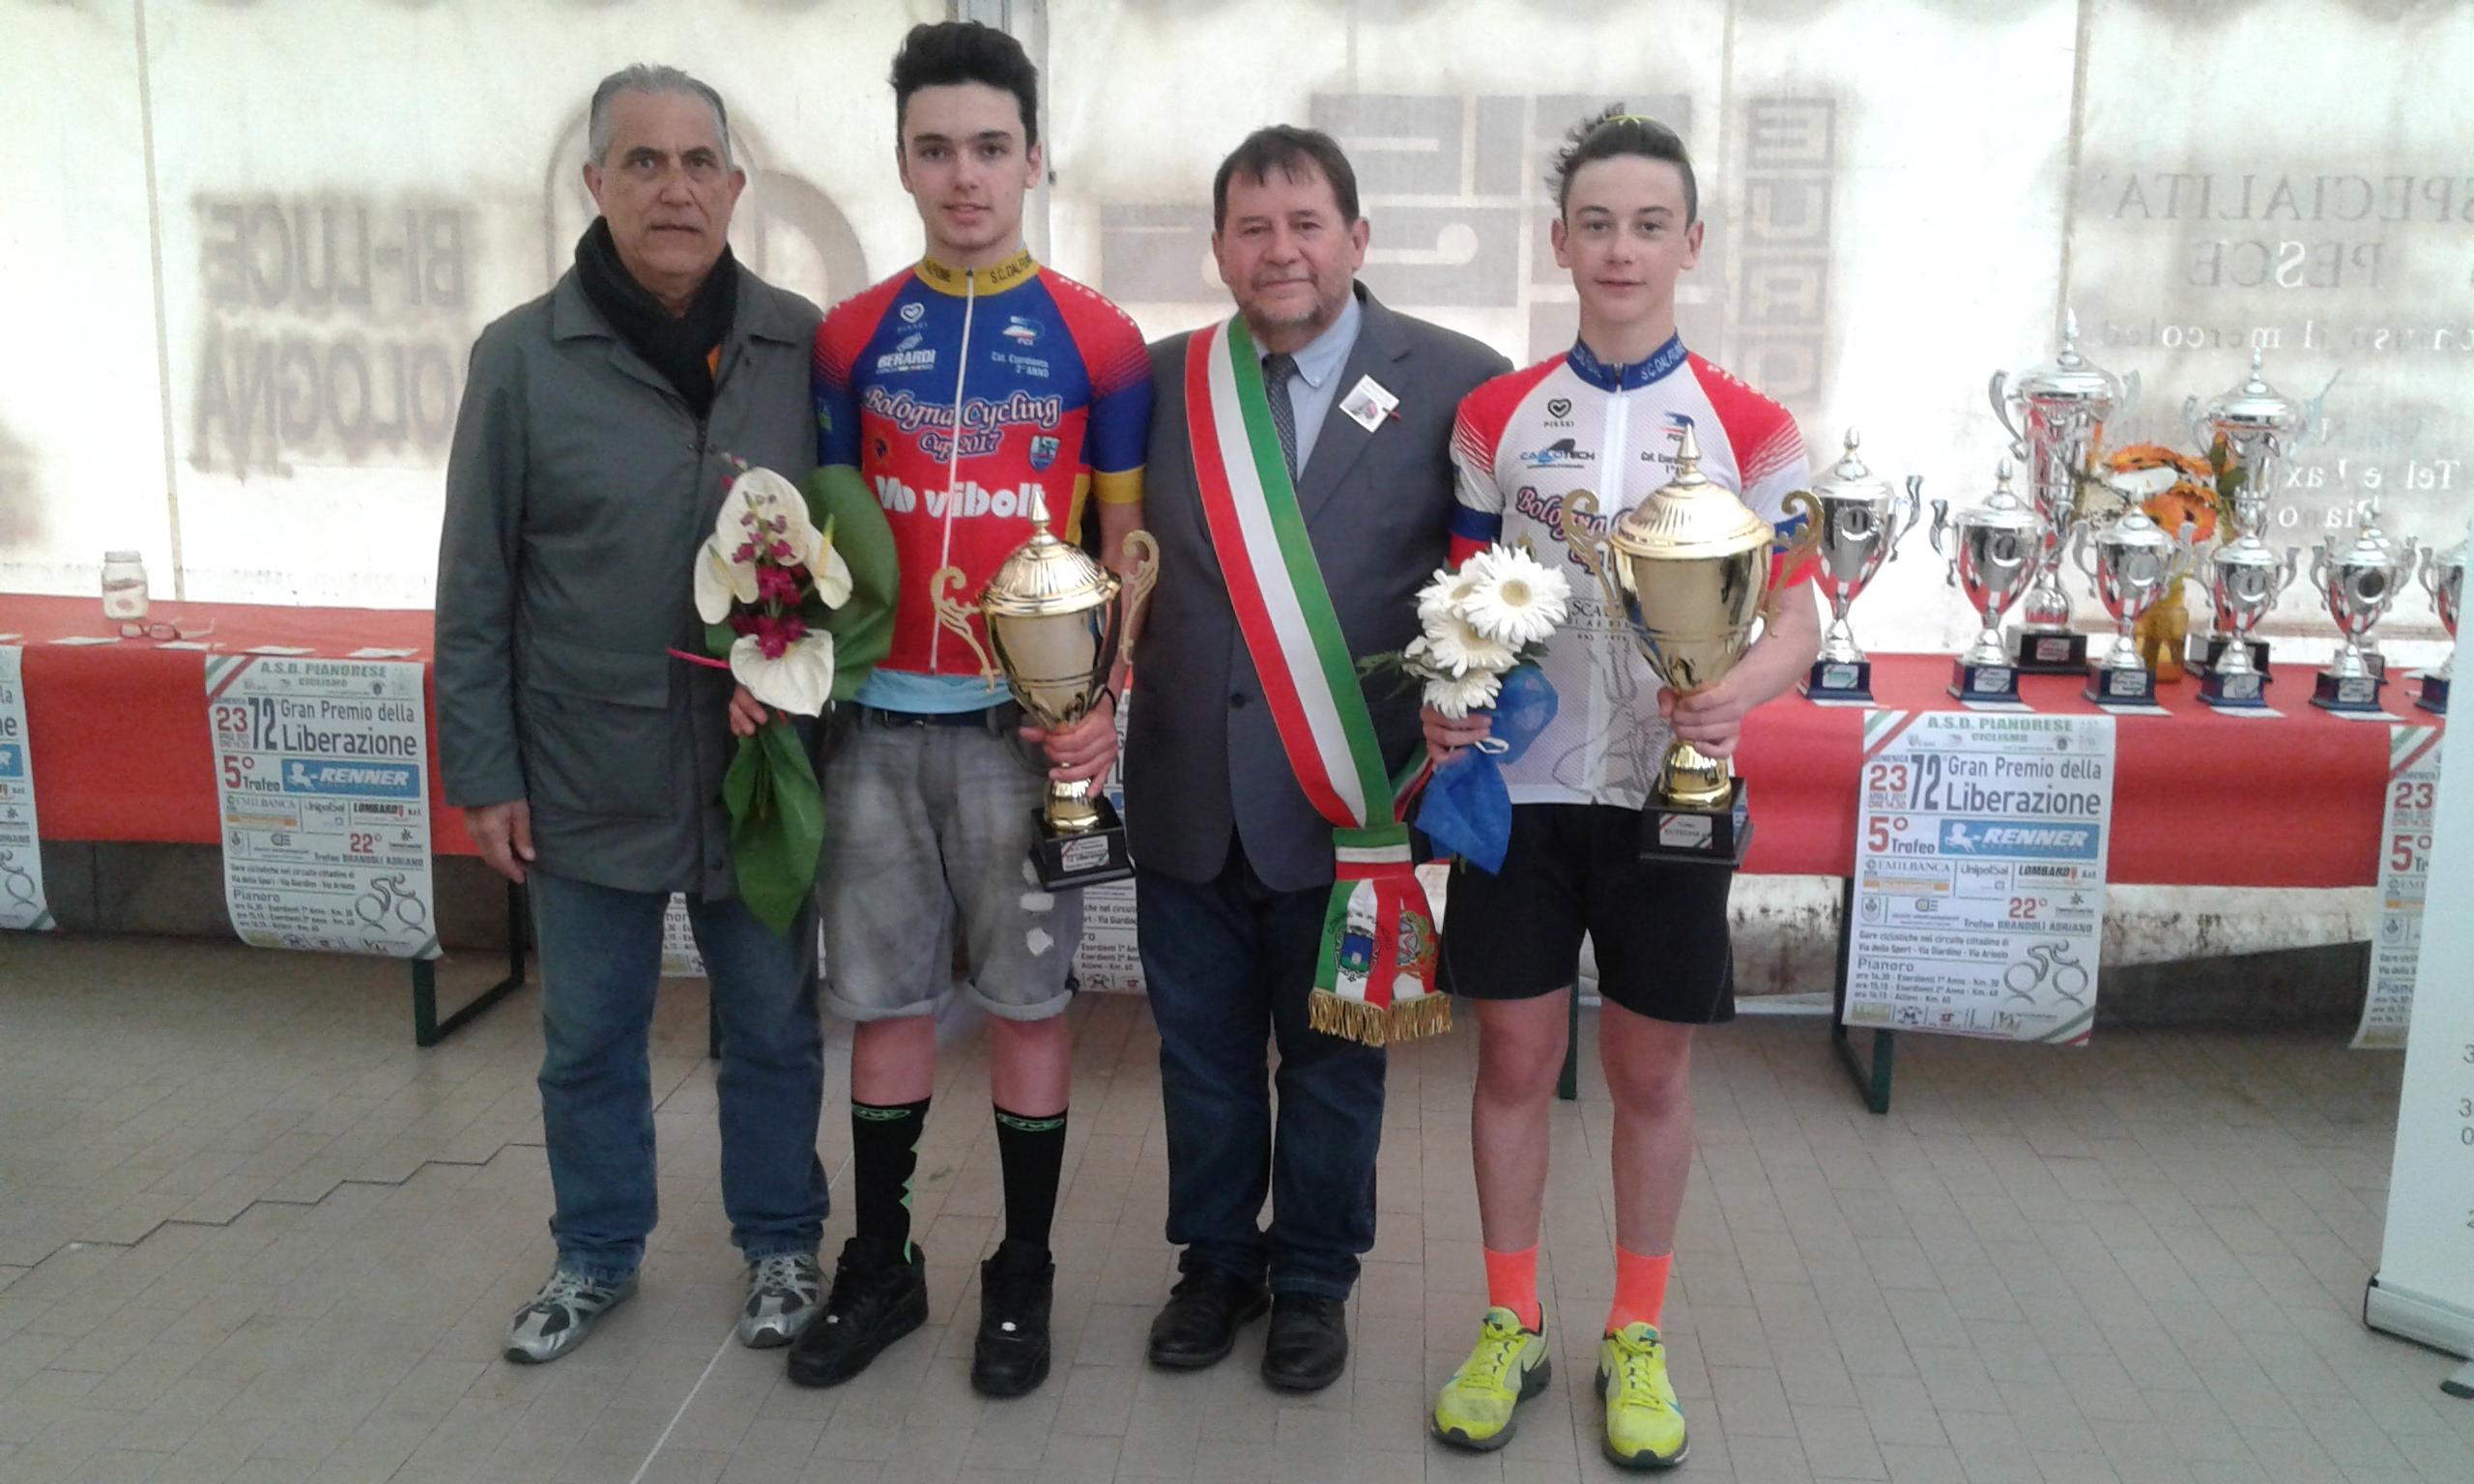 Mirco Benasciutti e Nicolò Costa Pellicciari primi leader della Bologna Cycling Cup per Esordienti